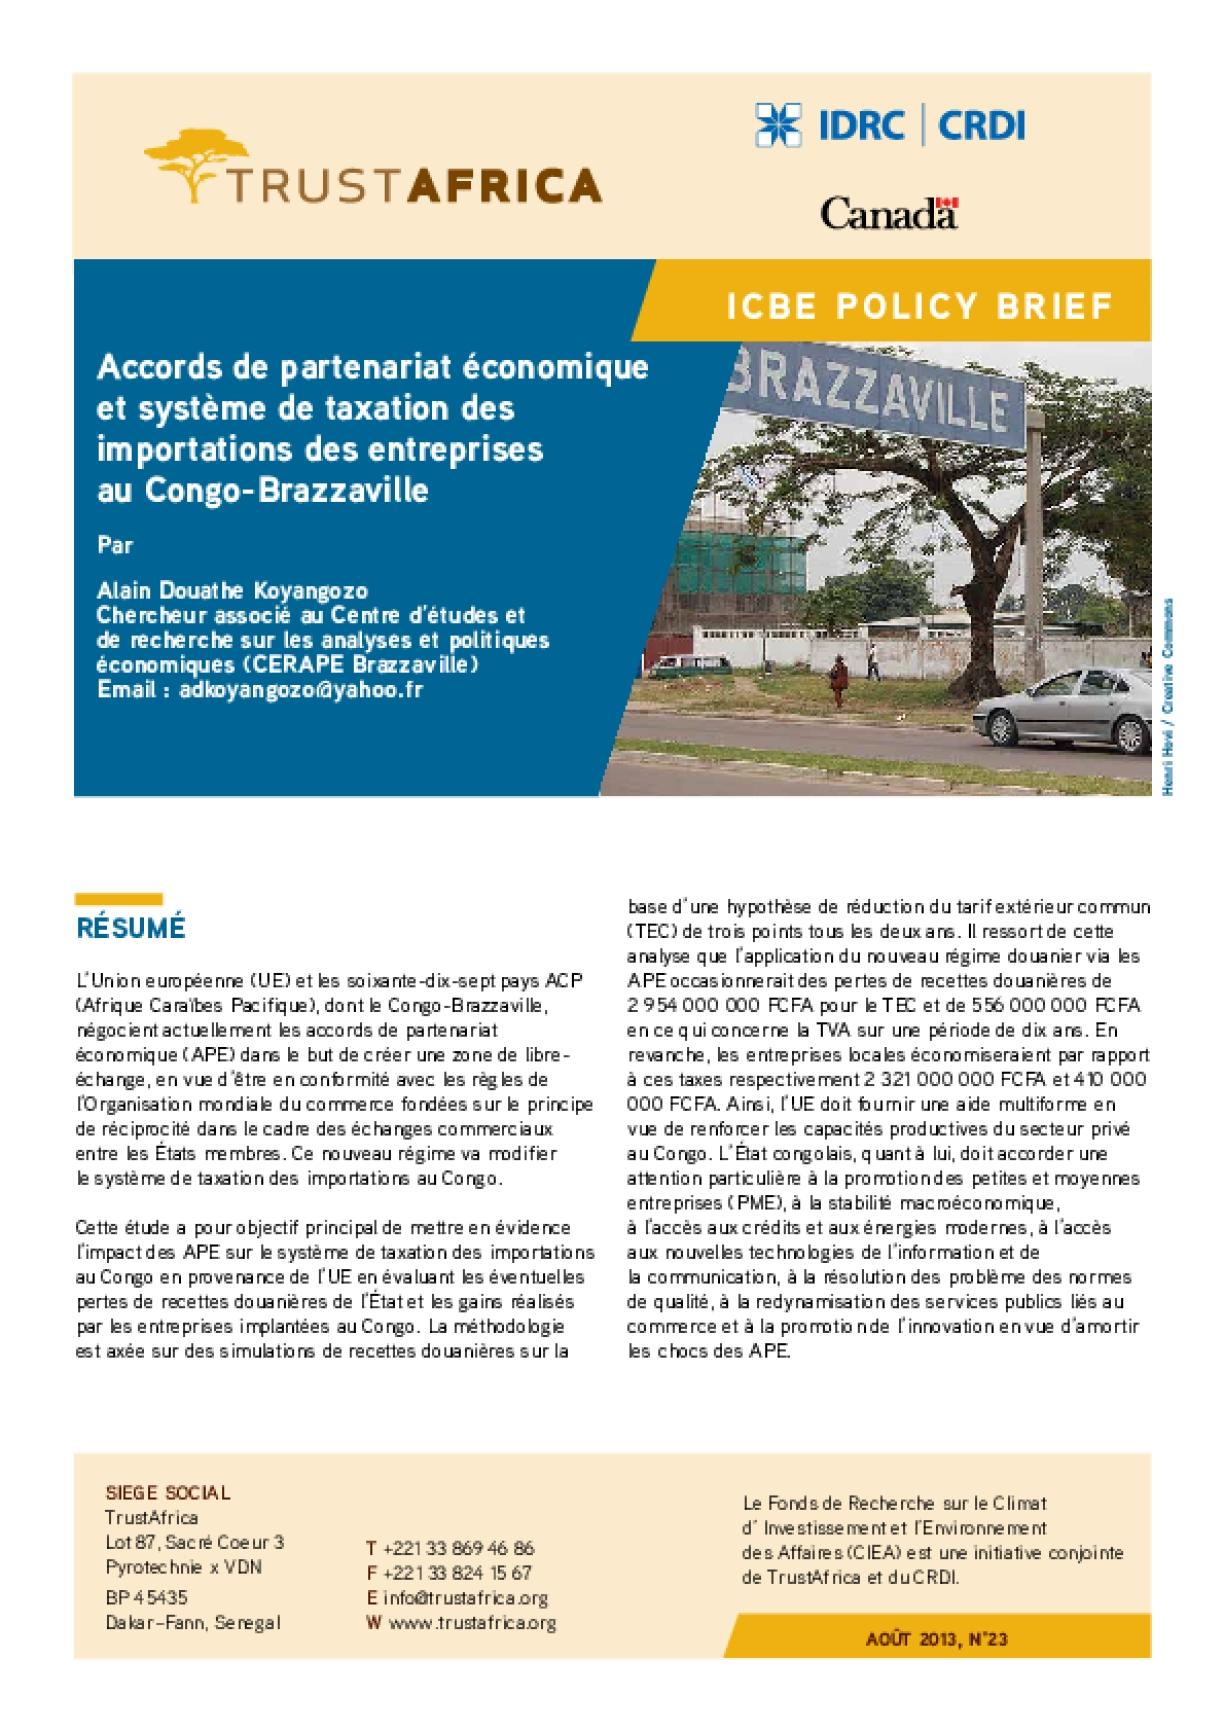 Accords De Partenariat Économique Et Système De Taxation Des Importations Des Entreprises Au Congo-Brazzaville